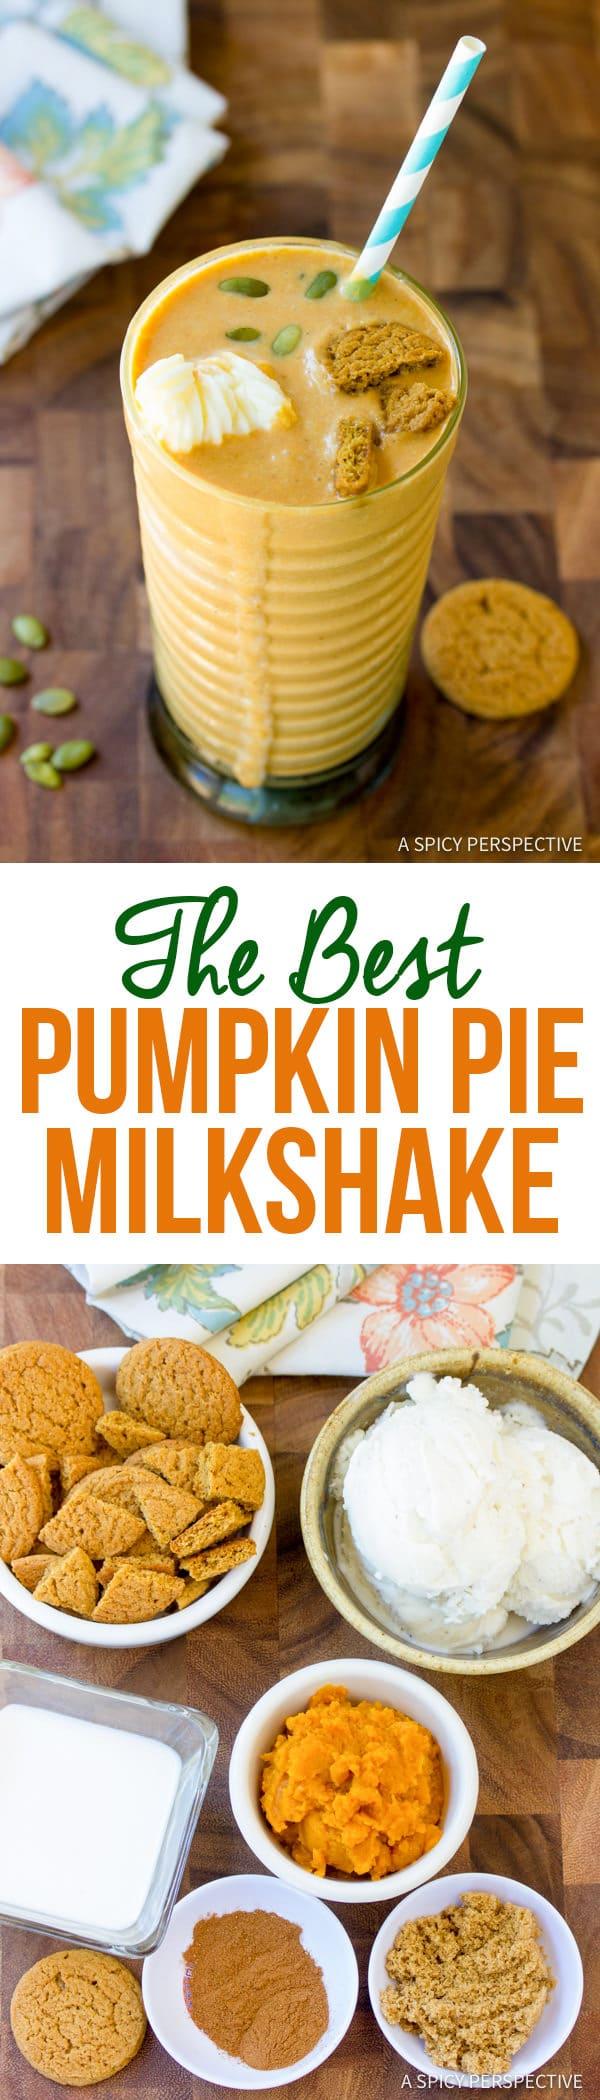 Simply The Best Pumpkin Pie Milkshake | ASpicyPerspective.com #halloween